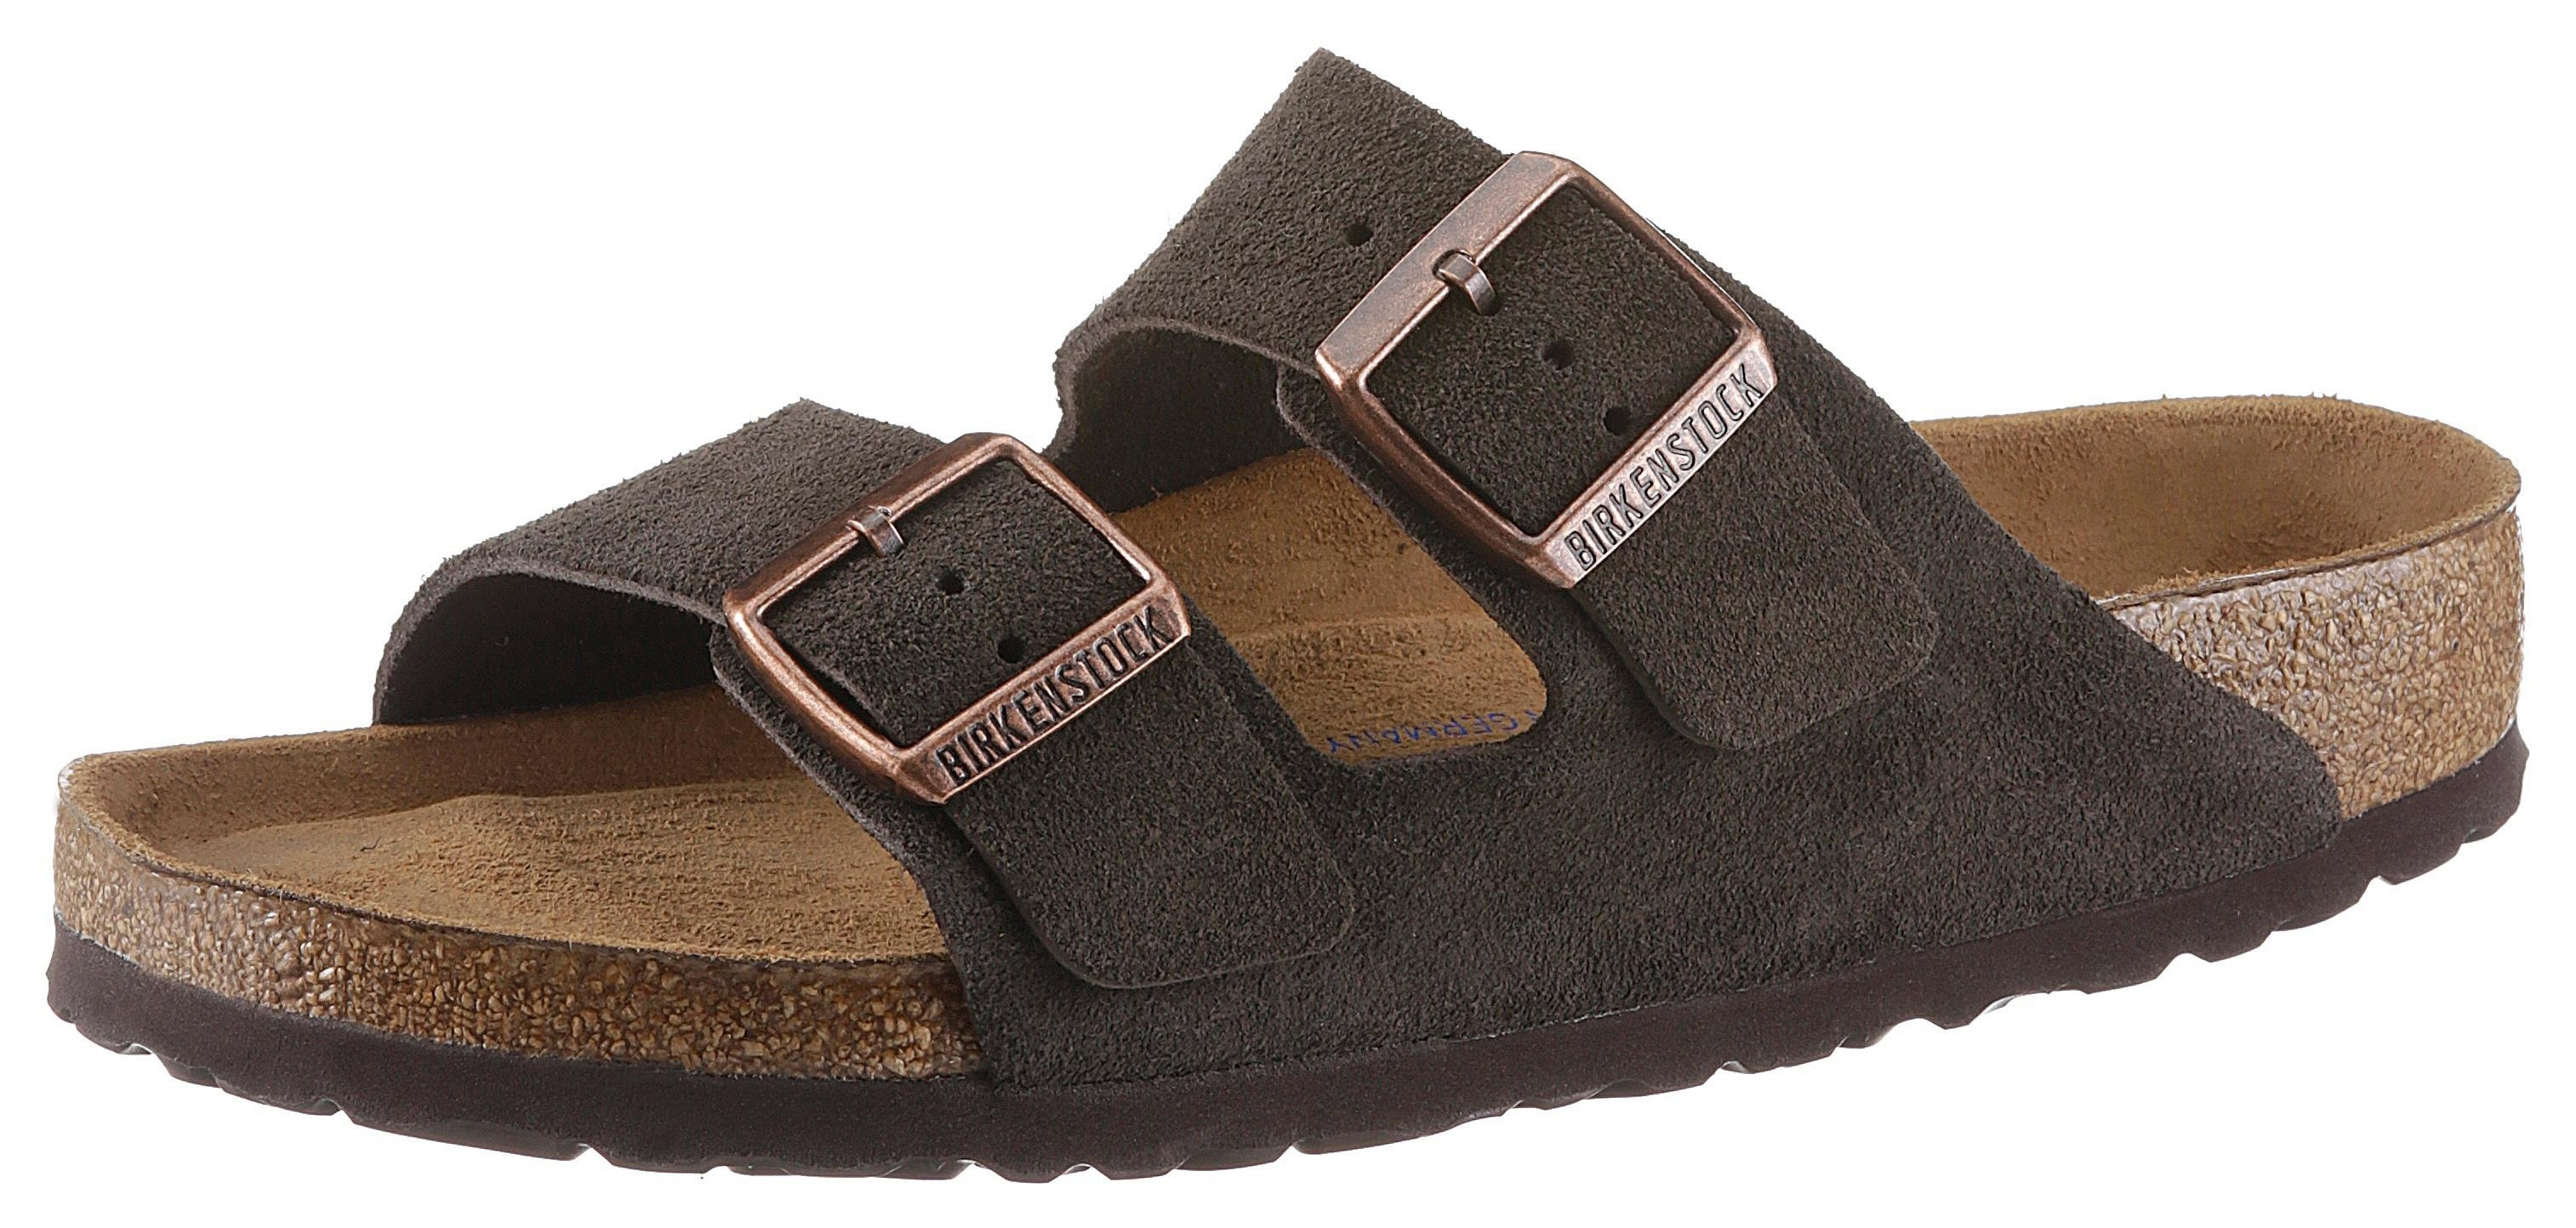 Birkenstock slippers »ARIZONA VL« bestellen: 14 dagen bedenktijd